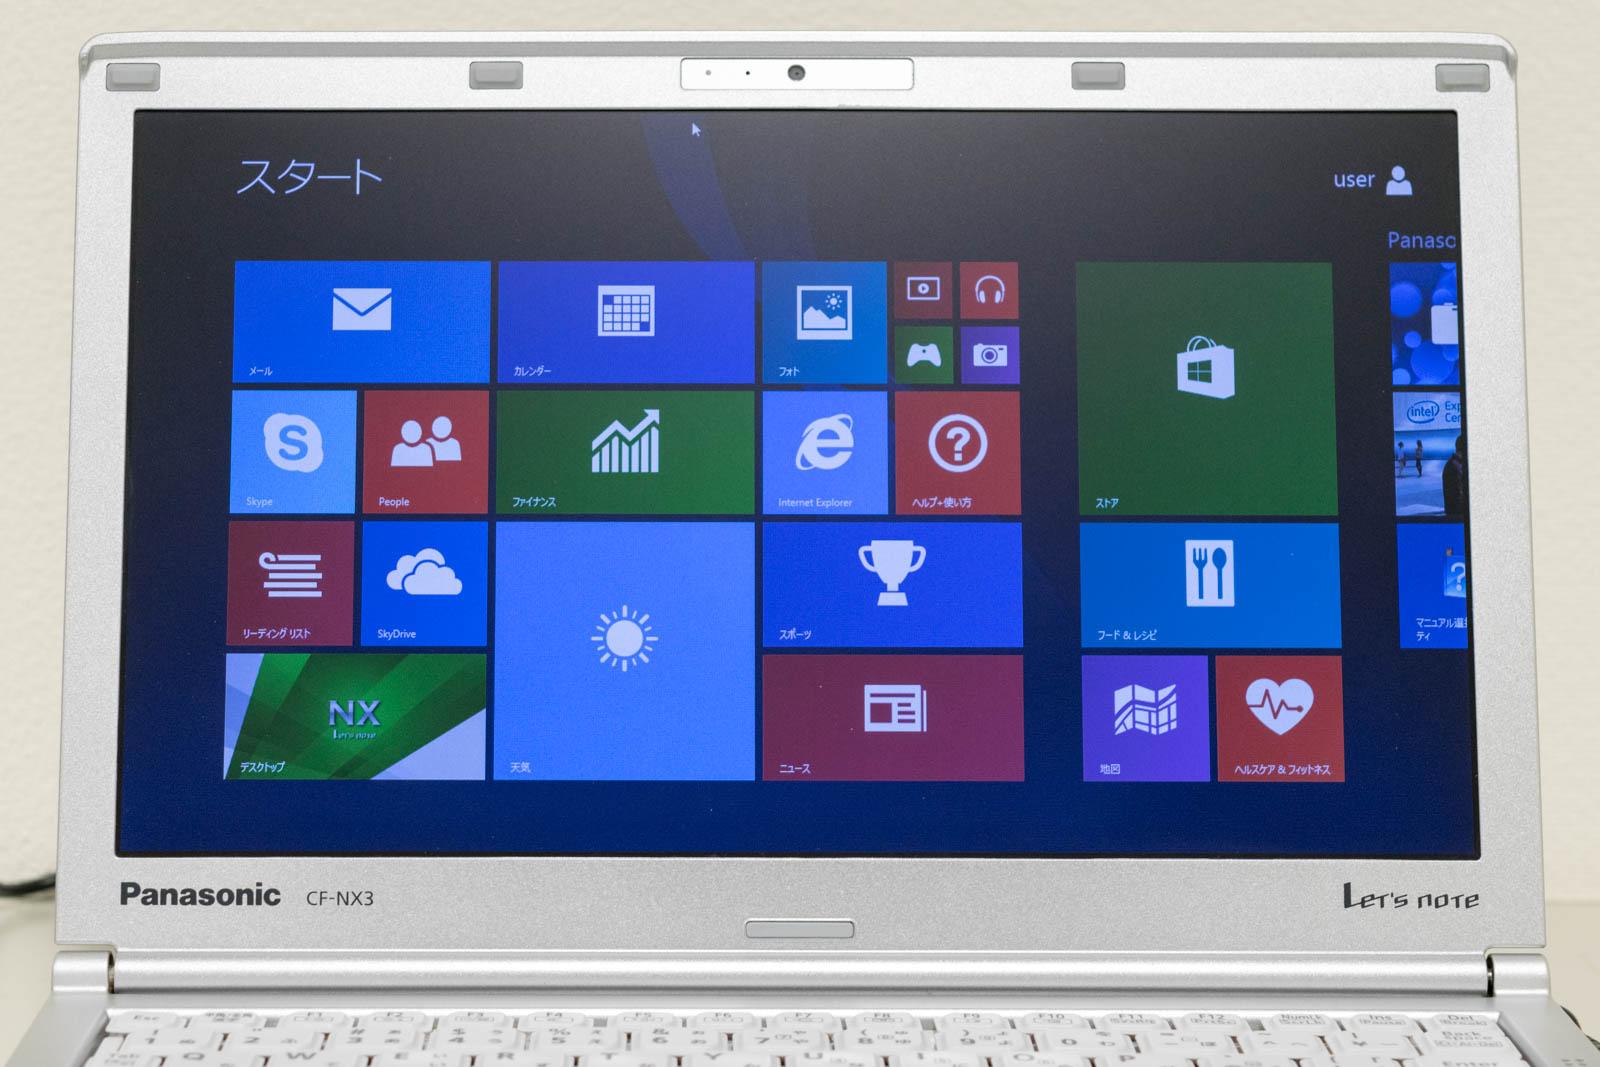 最高の Panasonic レッツノート CF-NX3GDHTS B5ノートパソコン, Windows 8.1 CF-NX3GDHTS Panasonic Pro 64bit, 320GB Core i5-4300U, メモリ4GB(4GBx1), 320GB HDD【中古】, Golden State:431473cf --- plateau.ru